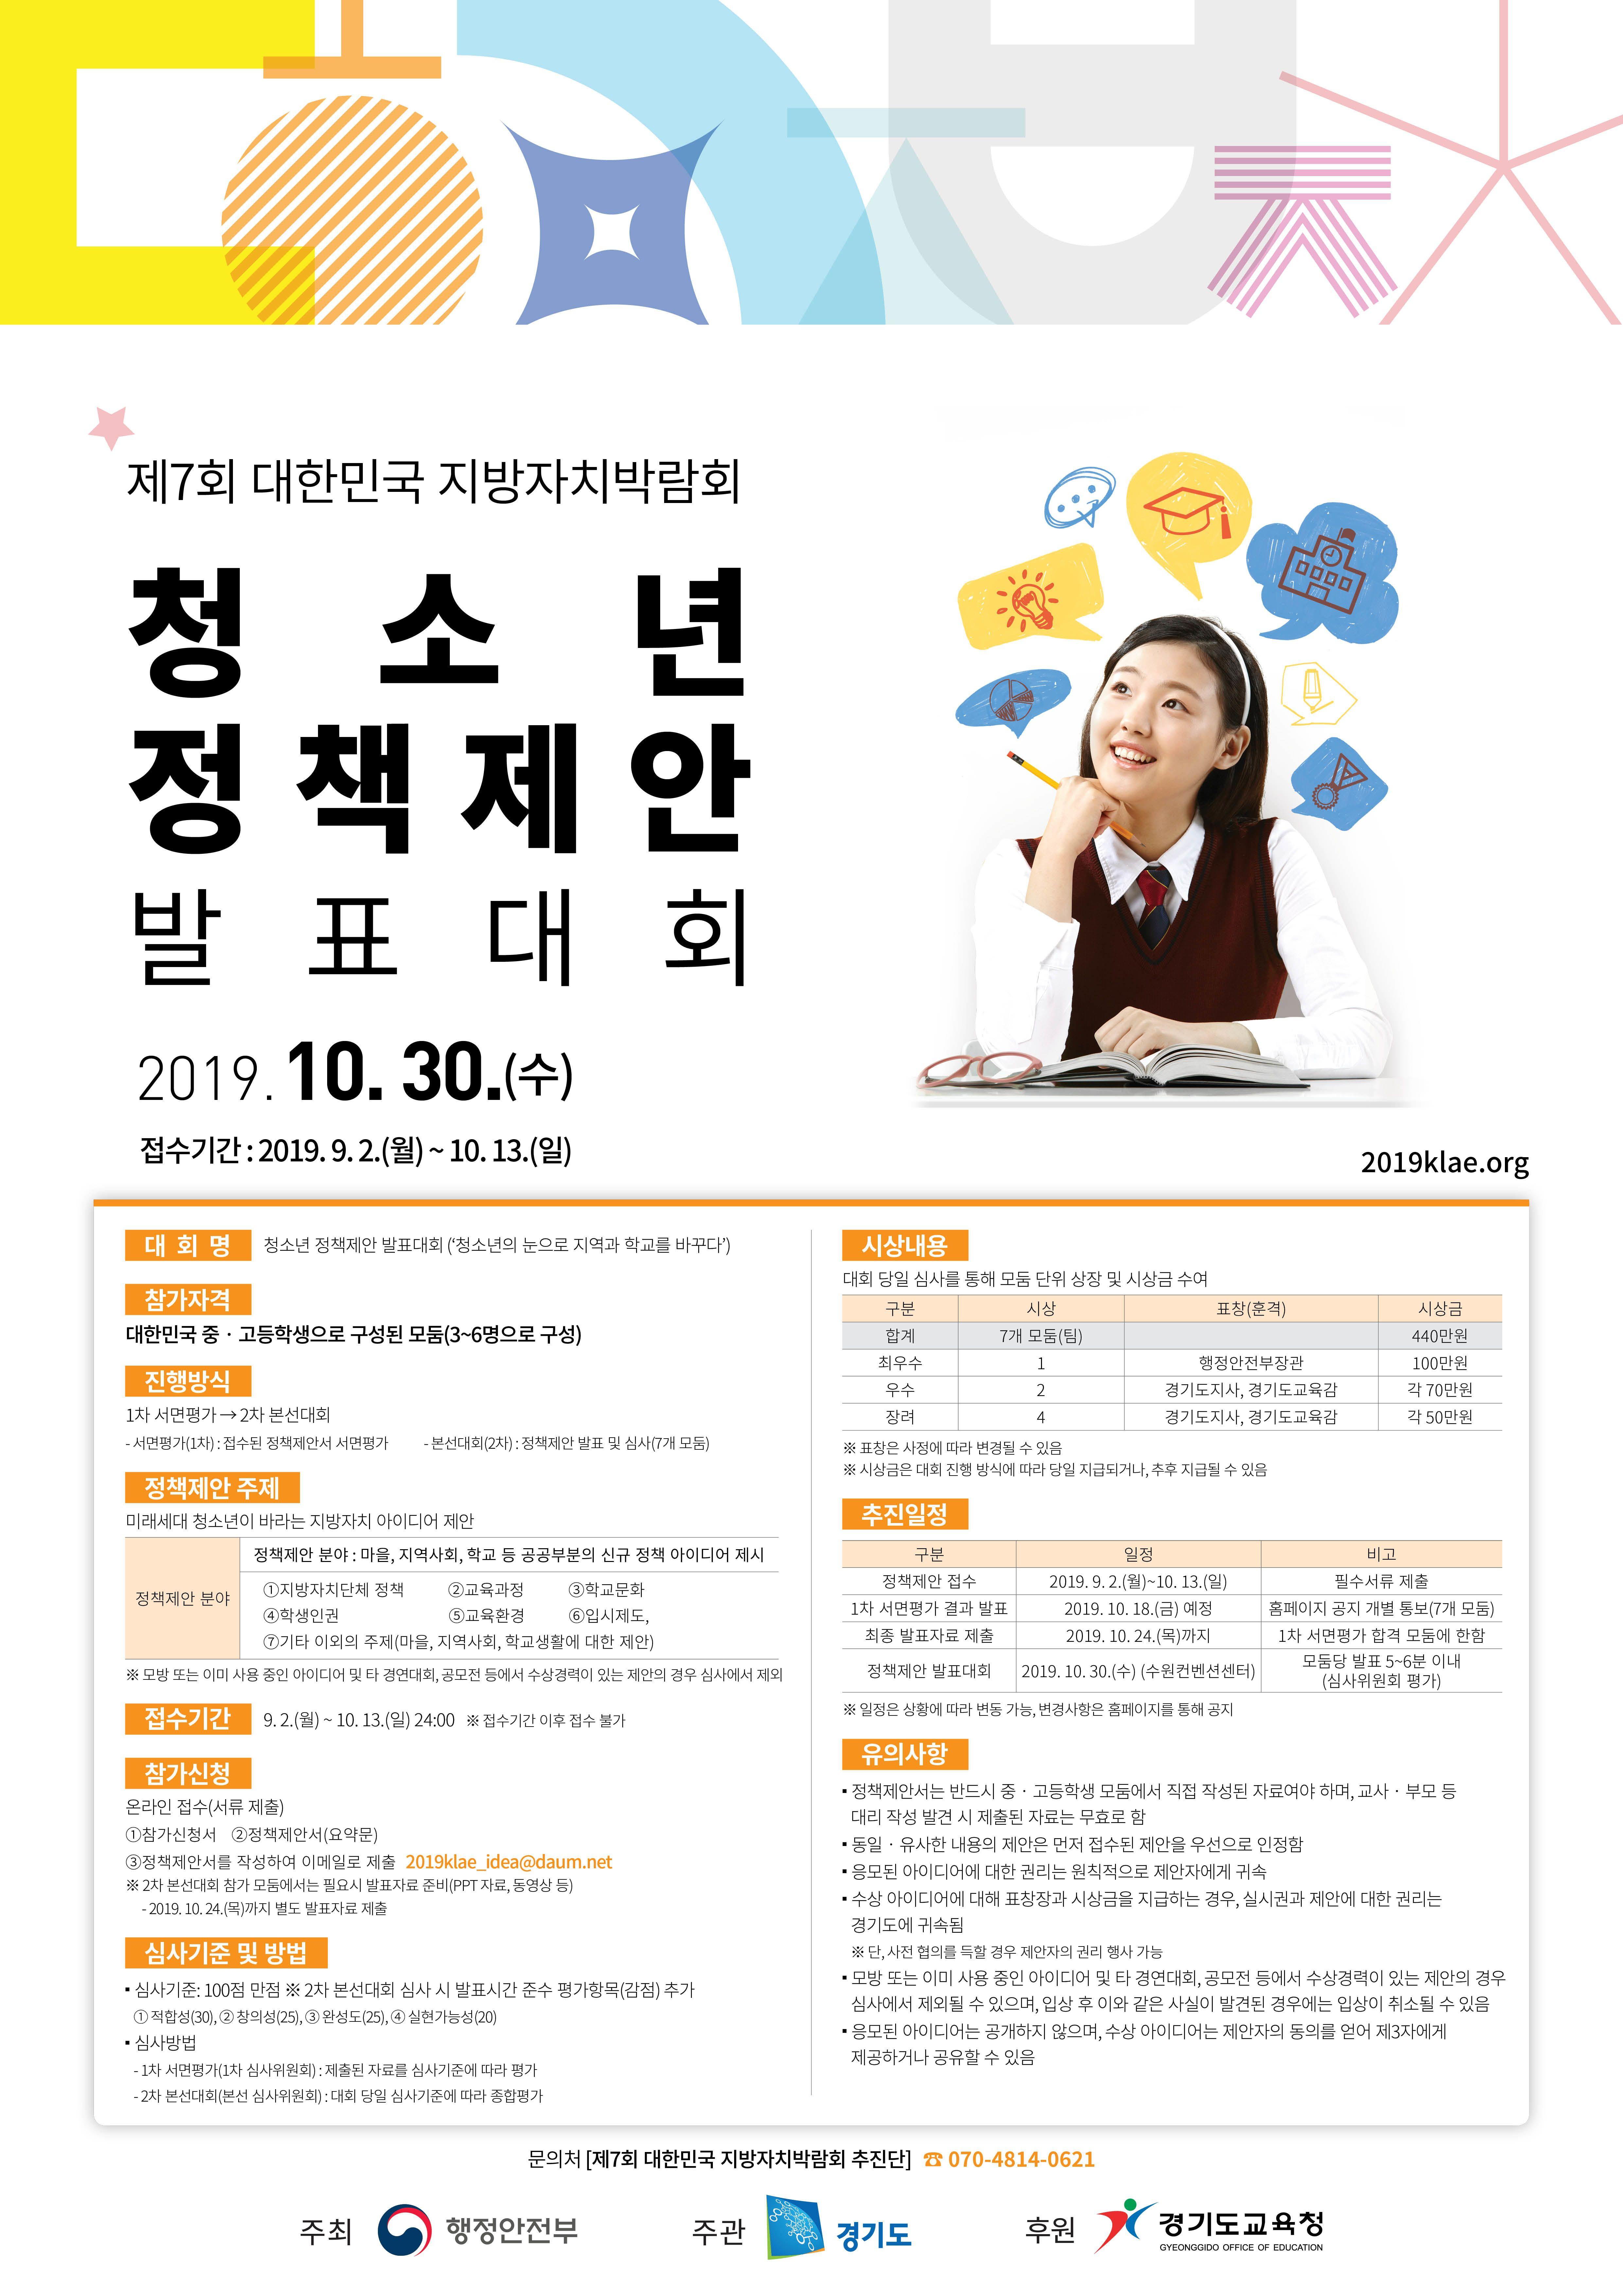 경기도 청소년 정책제안 발표대회